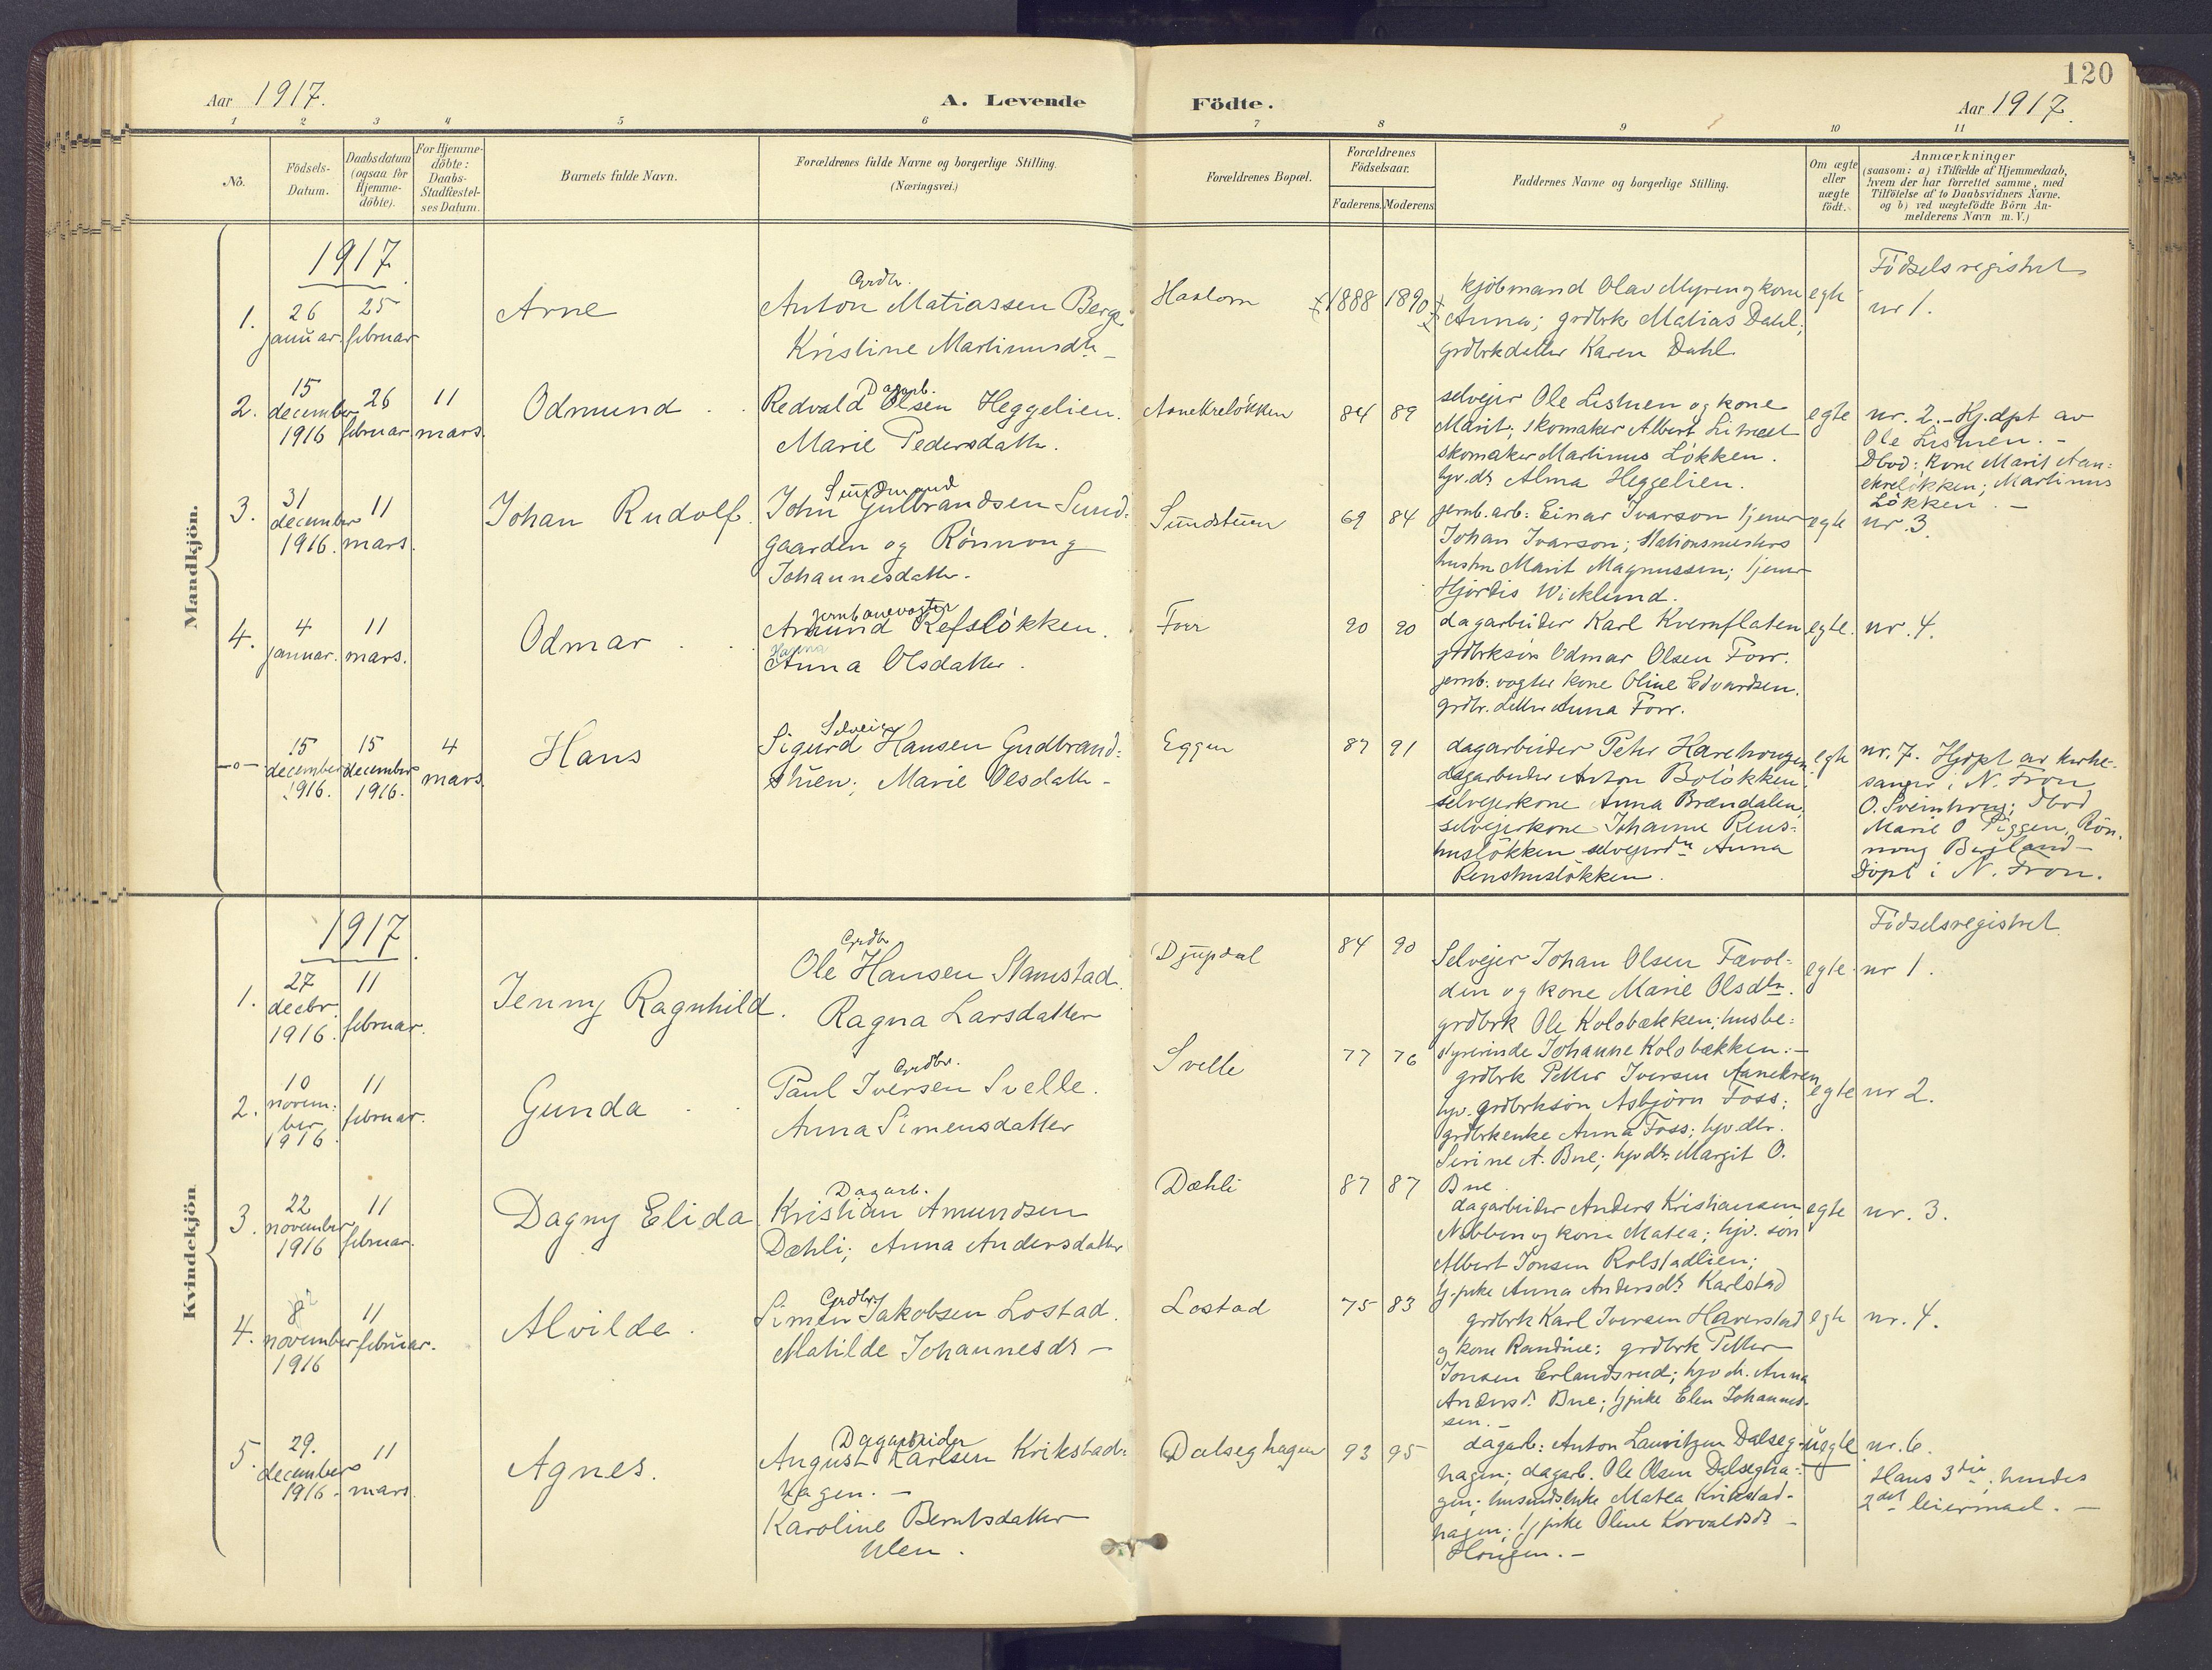 SAH, Sør-Fron prestekontor, H/Ha/Haa/L0004: Parish register (official) no. 4, 1898-1919, p. 120